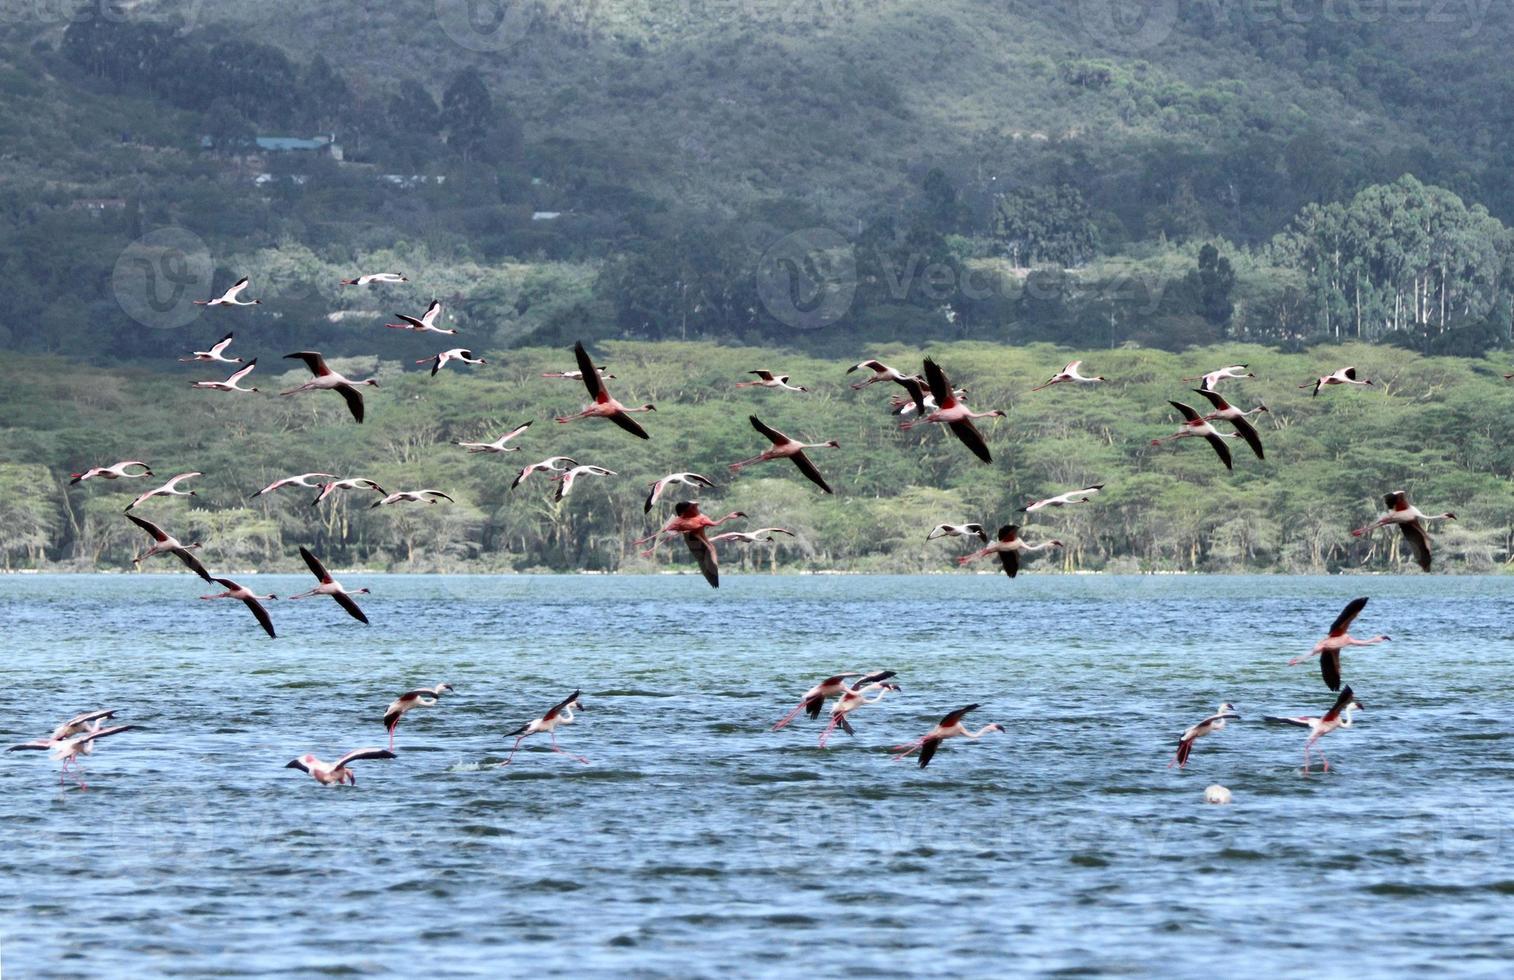 schöne kleinere Flamingos foto